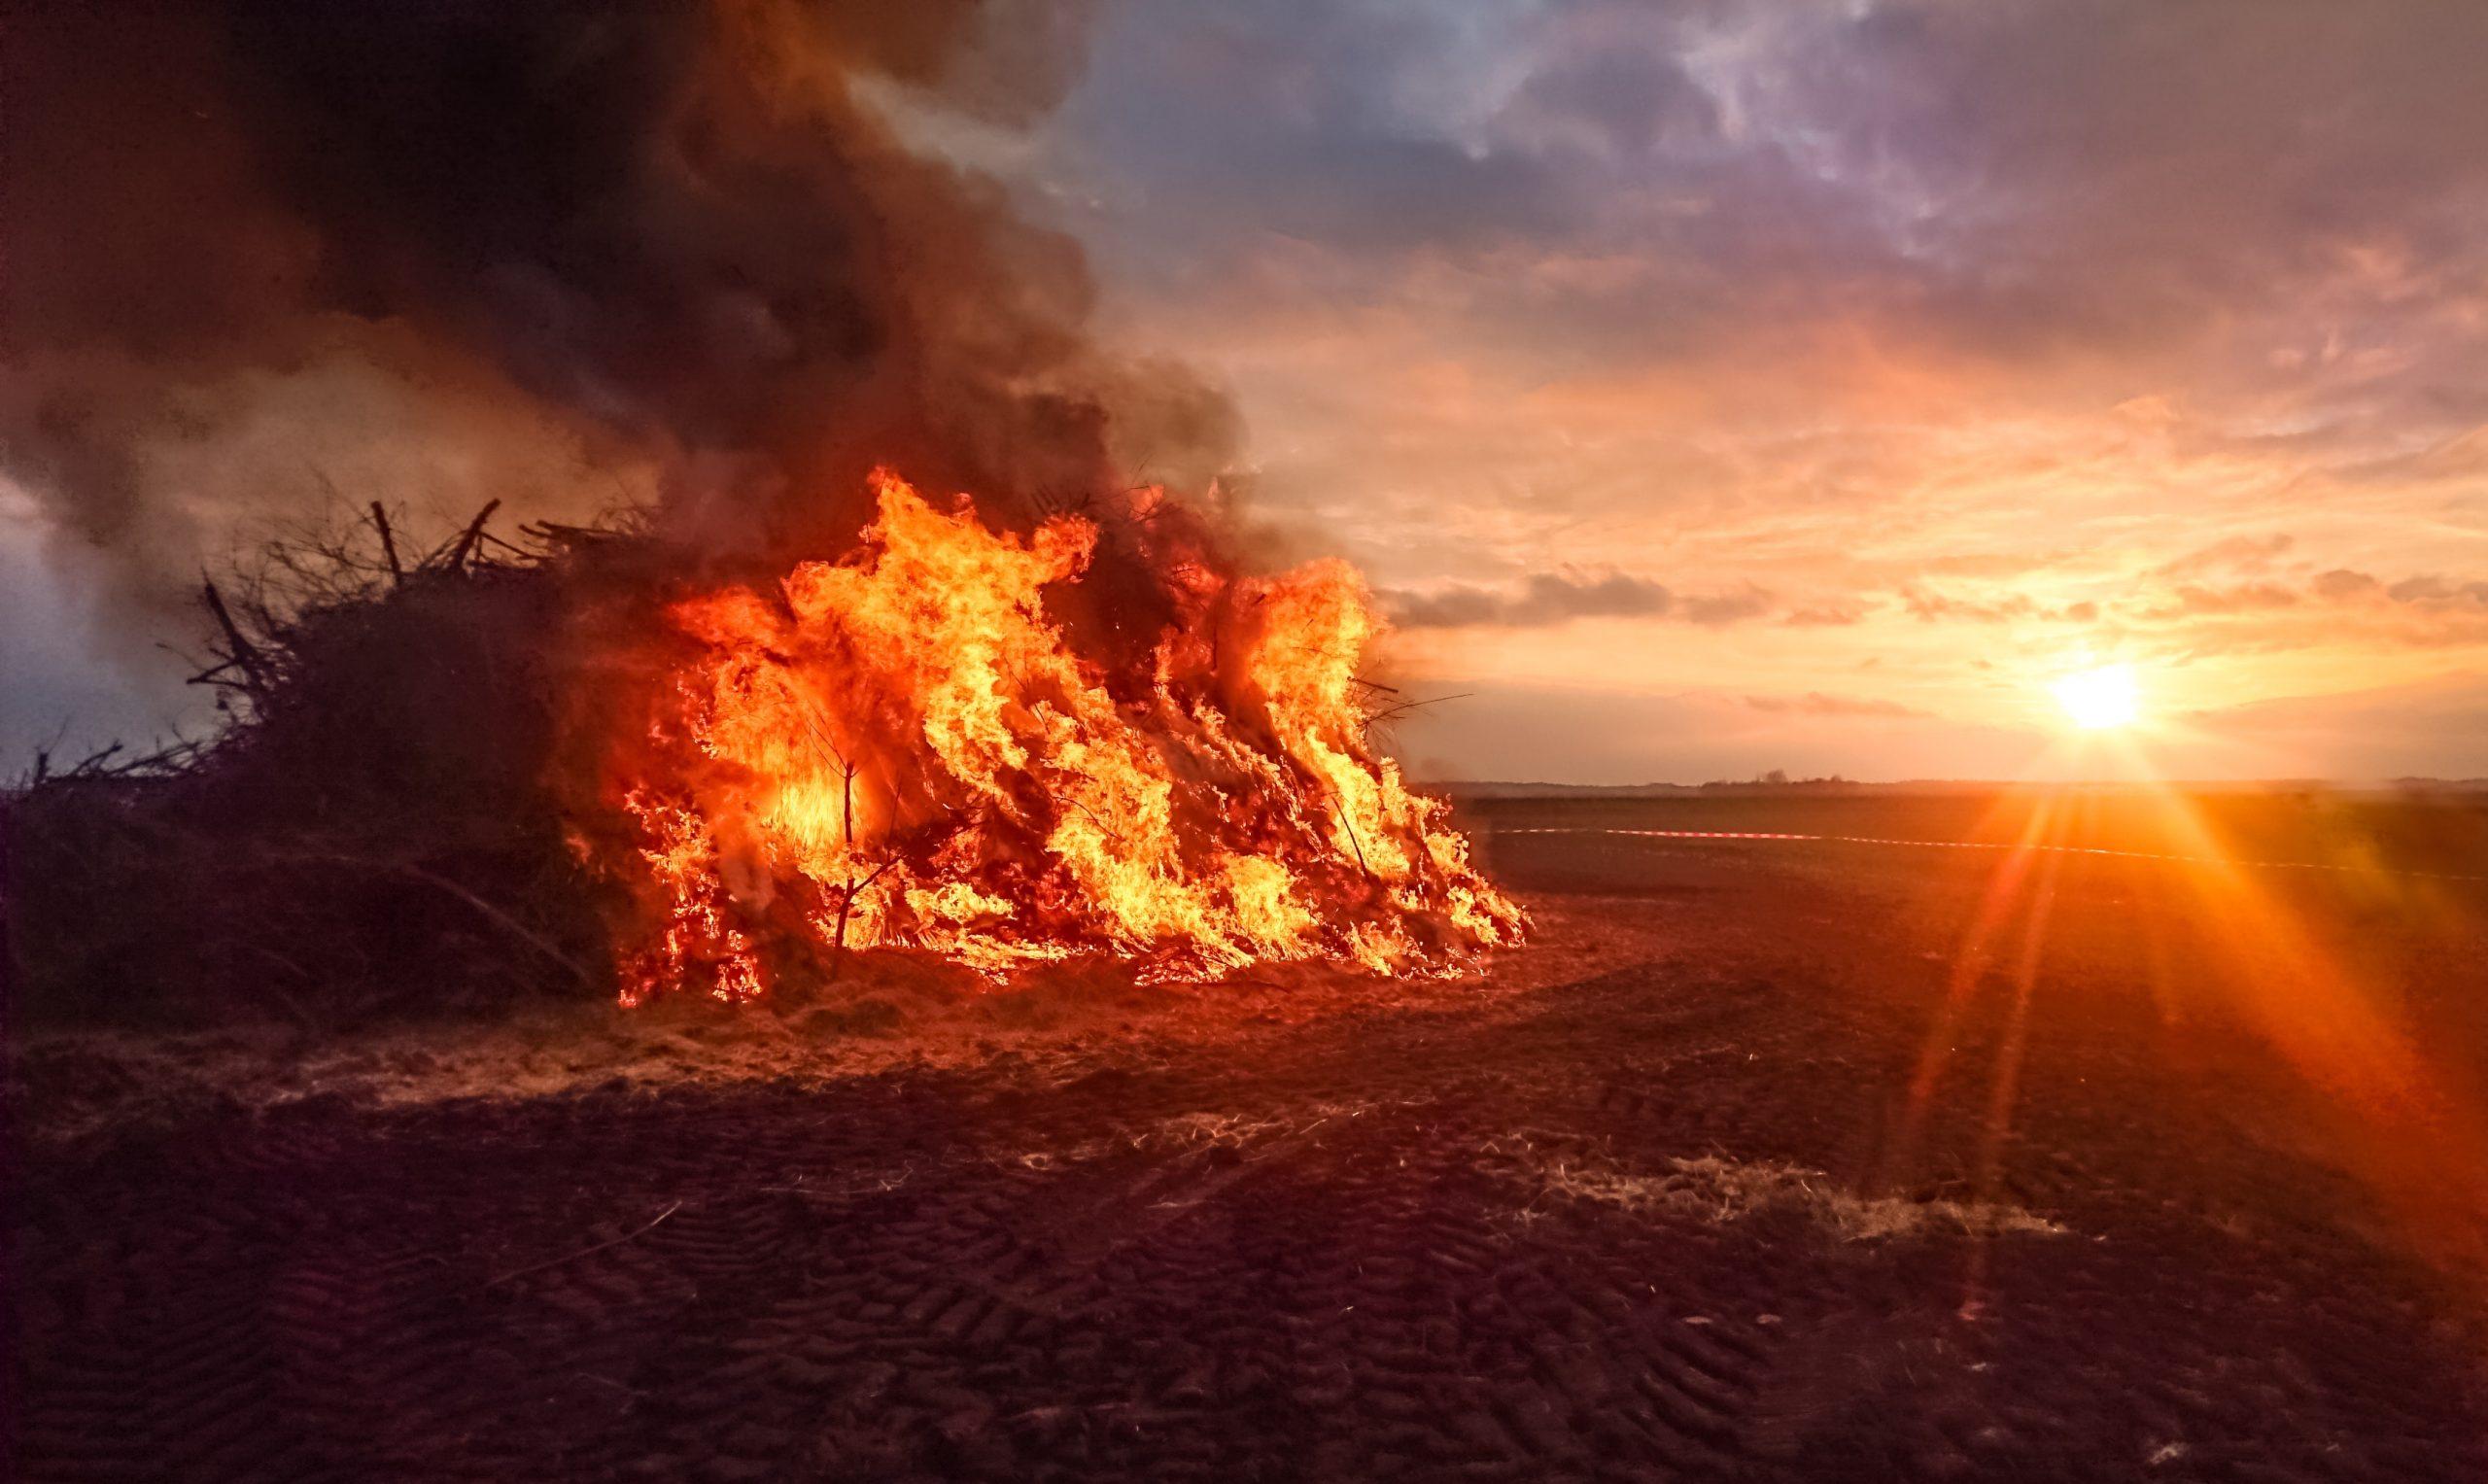 Bridger-Teton National Forest to Conduct Slash Pile Burning Near Pinedale